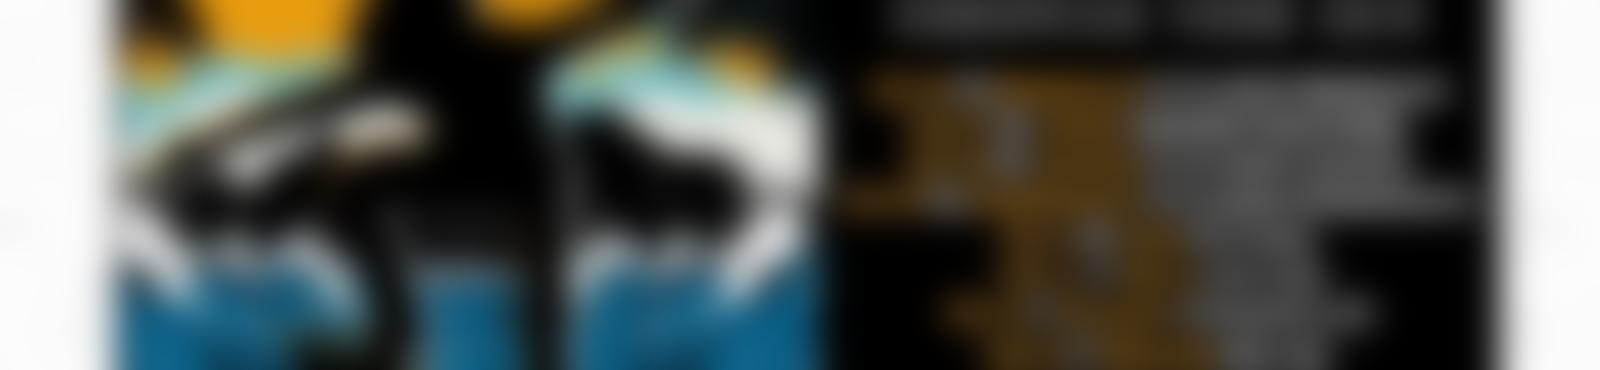 Blurred affb9561 0a85 4f01 8dd7 d76b0f46f4d8